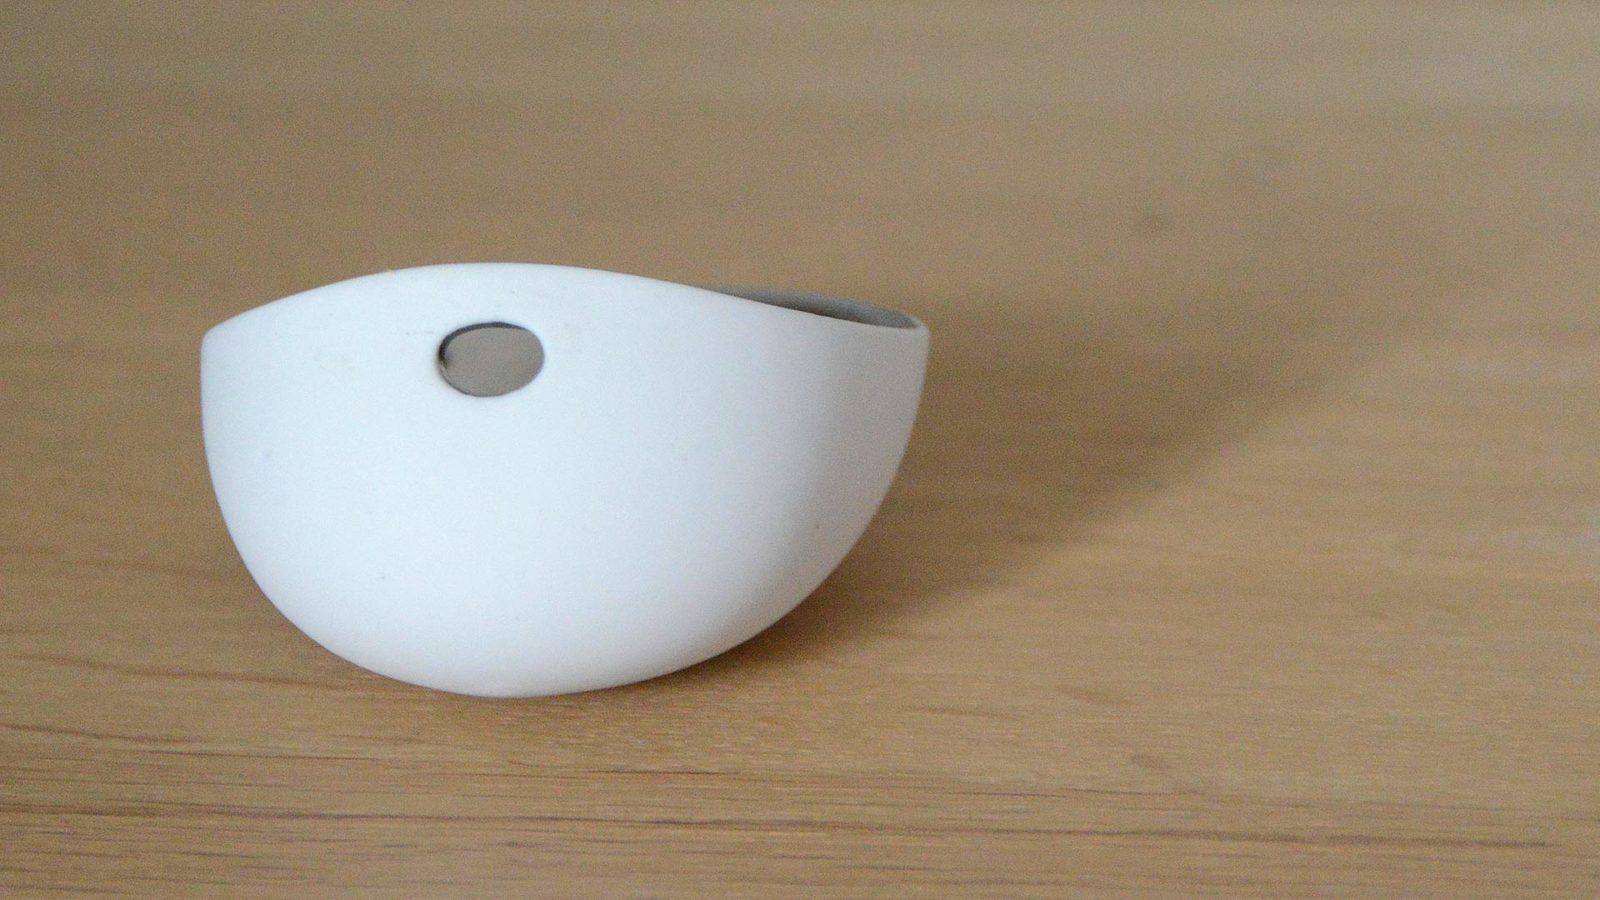 modern matt white porcelain dish shown from the rear